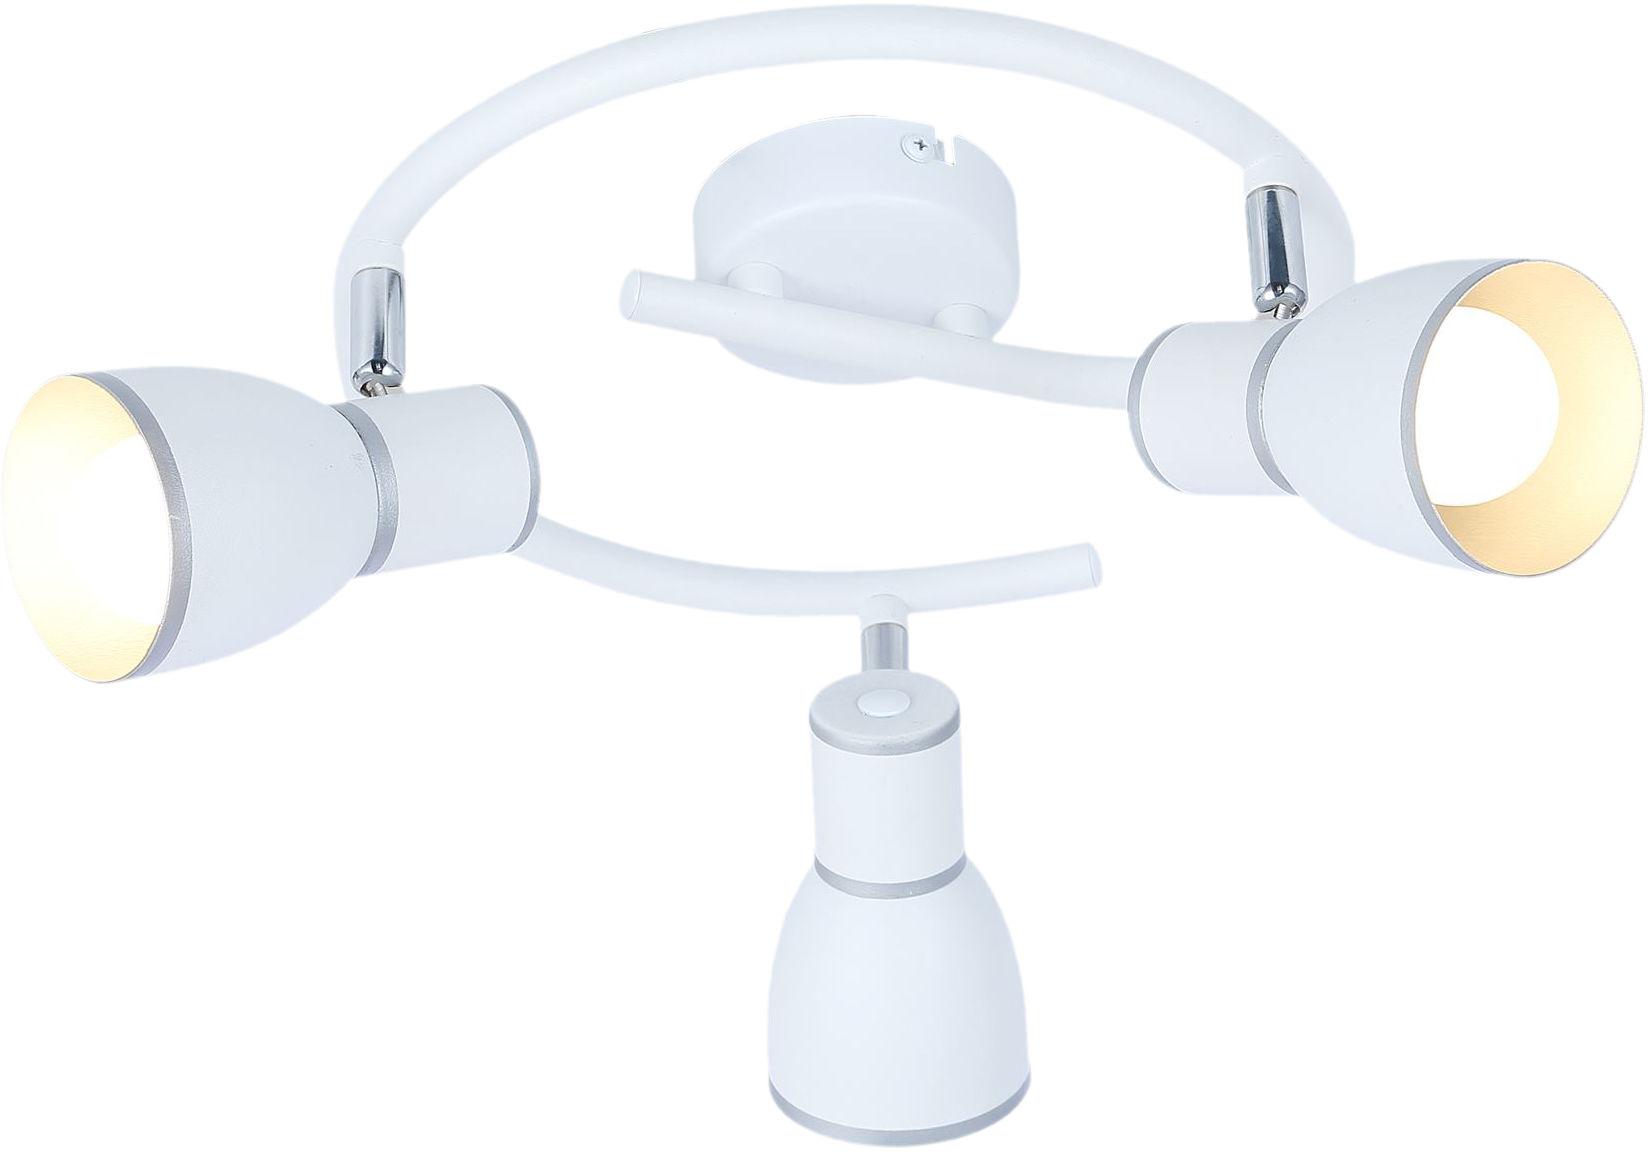 Candellux FIDO 98-63380 plafon lampa sufitowa spirala metalowy klosz biała+chrom 3X40W E14 43cm